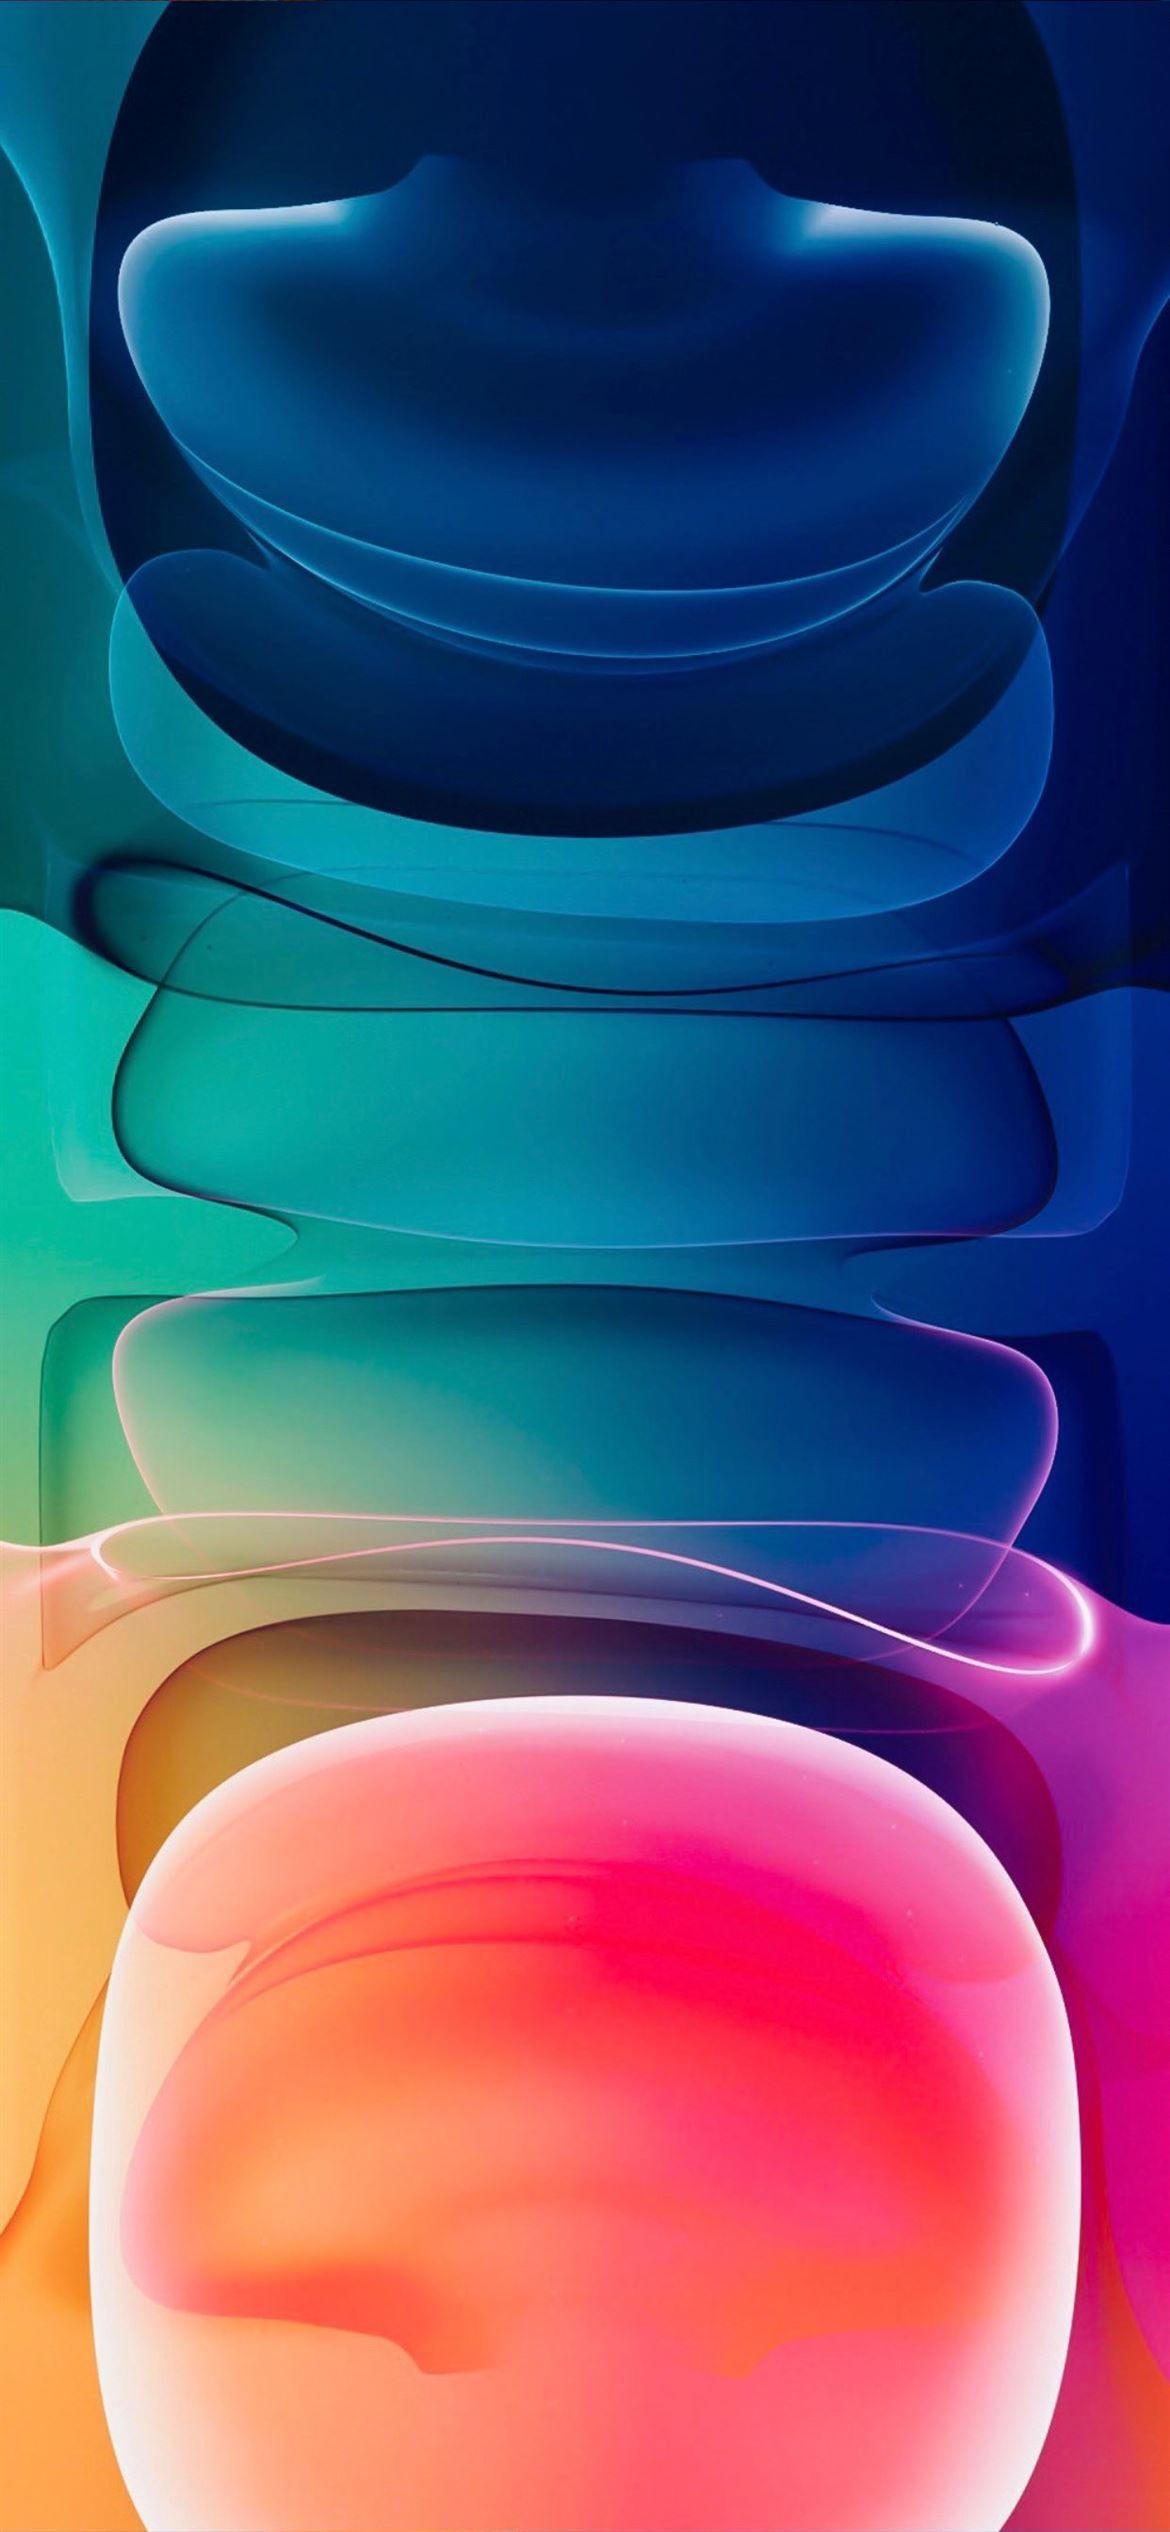 IOS wallpapers original HD 4K